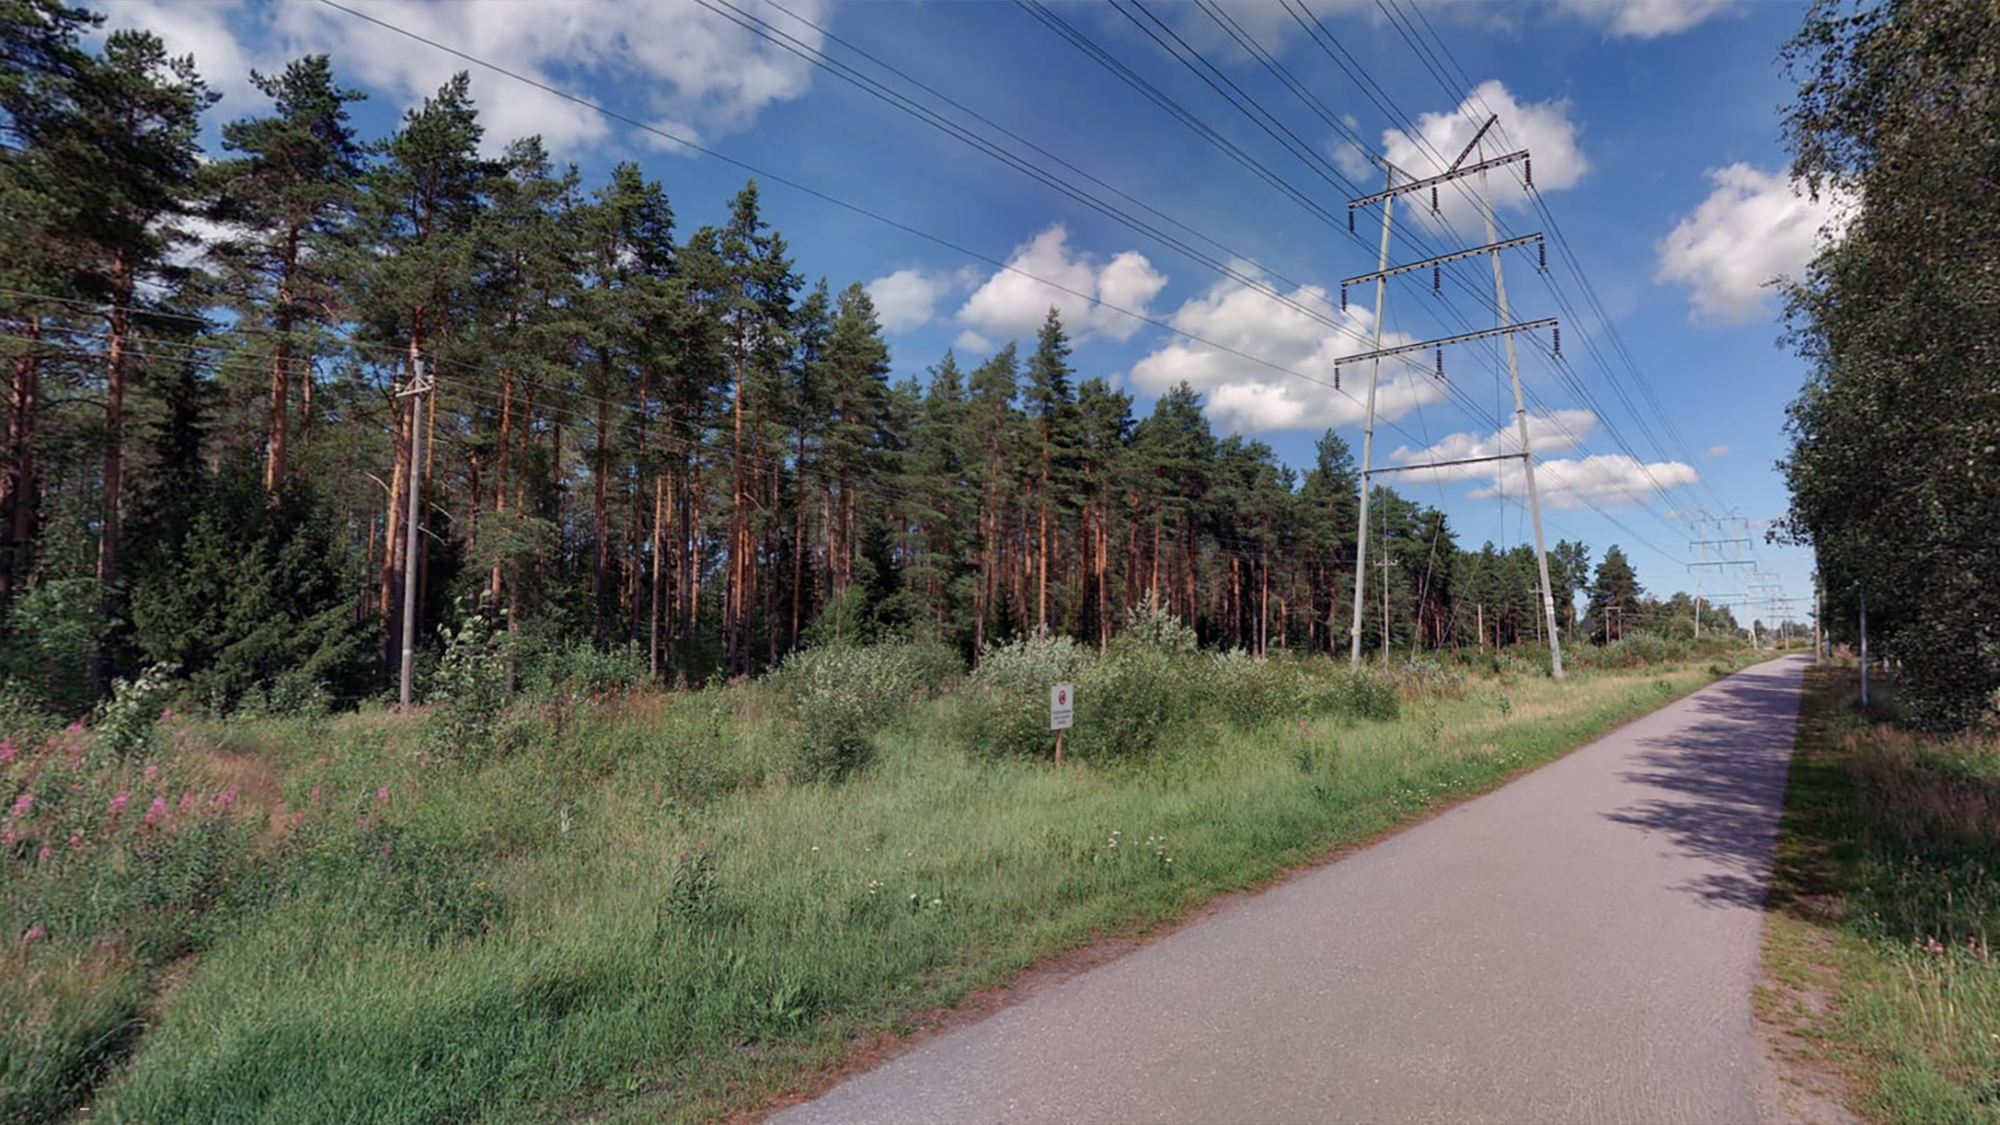 Storspänningsledning vid skogskanten. Bredvid storspänningsledningen finns en cykelväg.